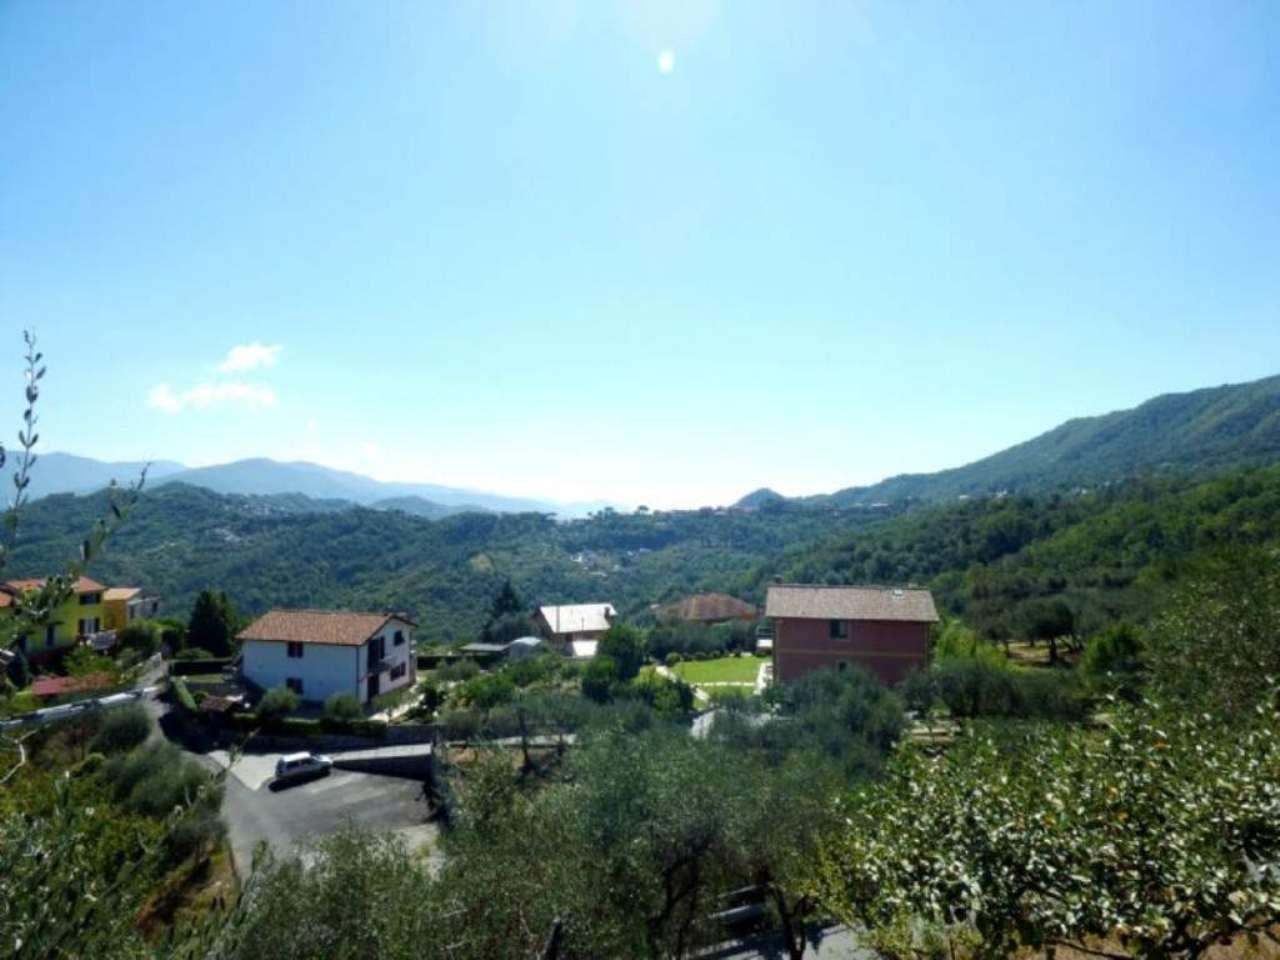 Appartamento in vendita a San Colombano Certenoli, 3 locali, prezzo € 105.000 | CambioCasa.it